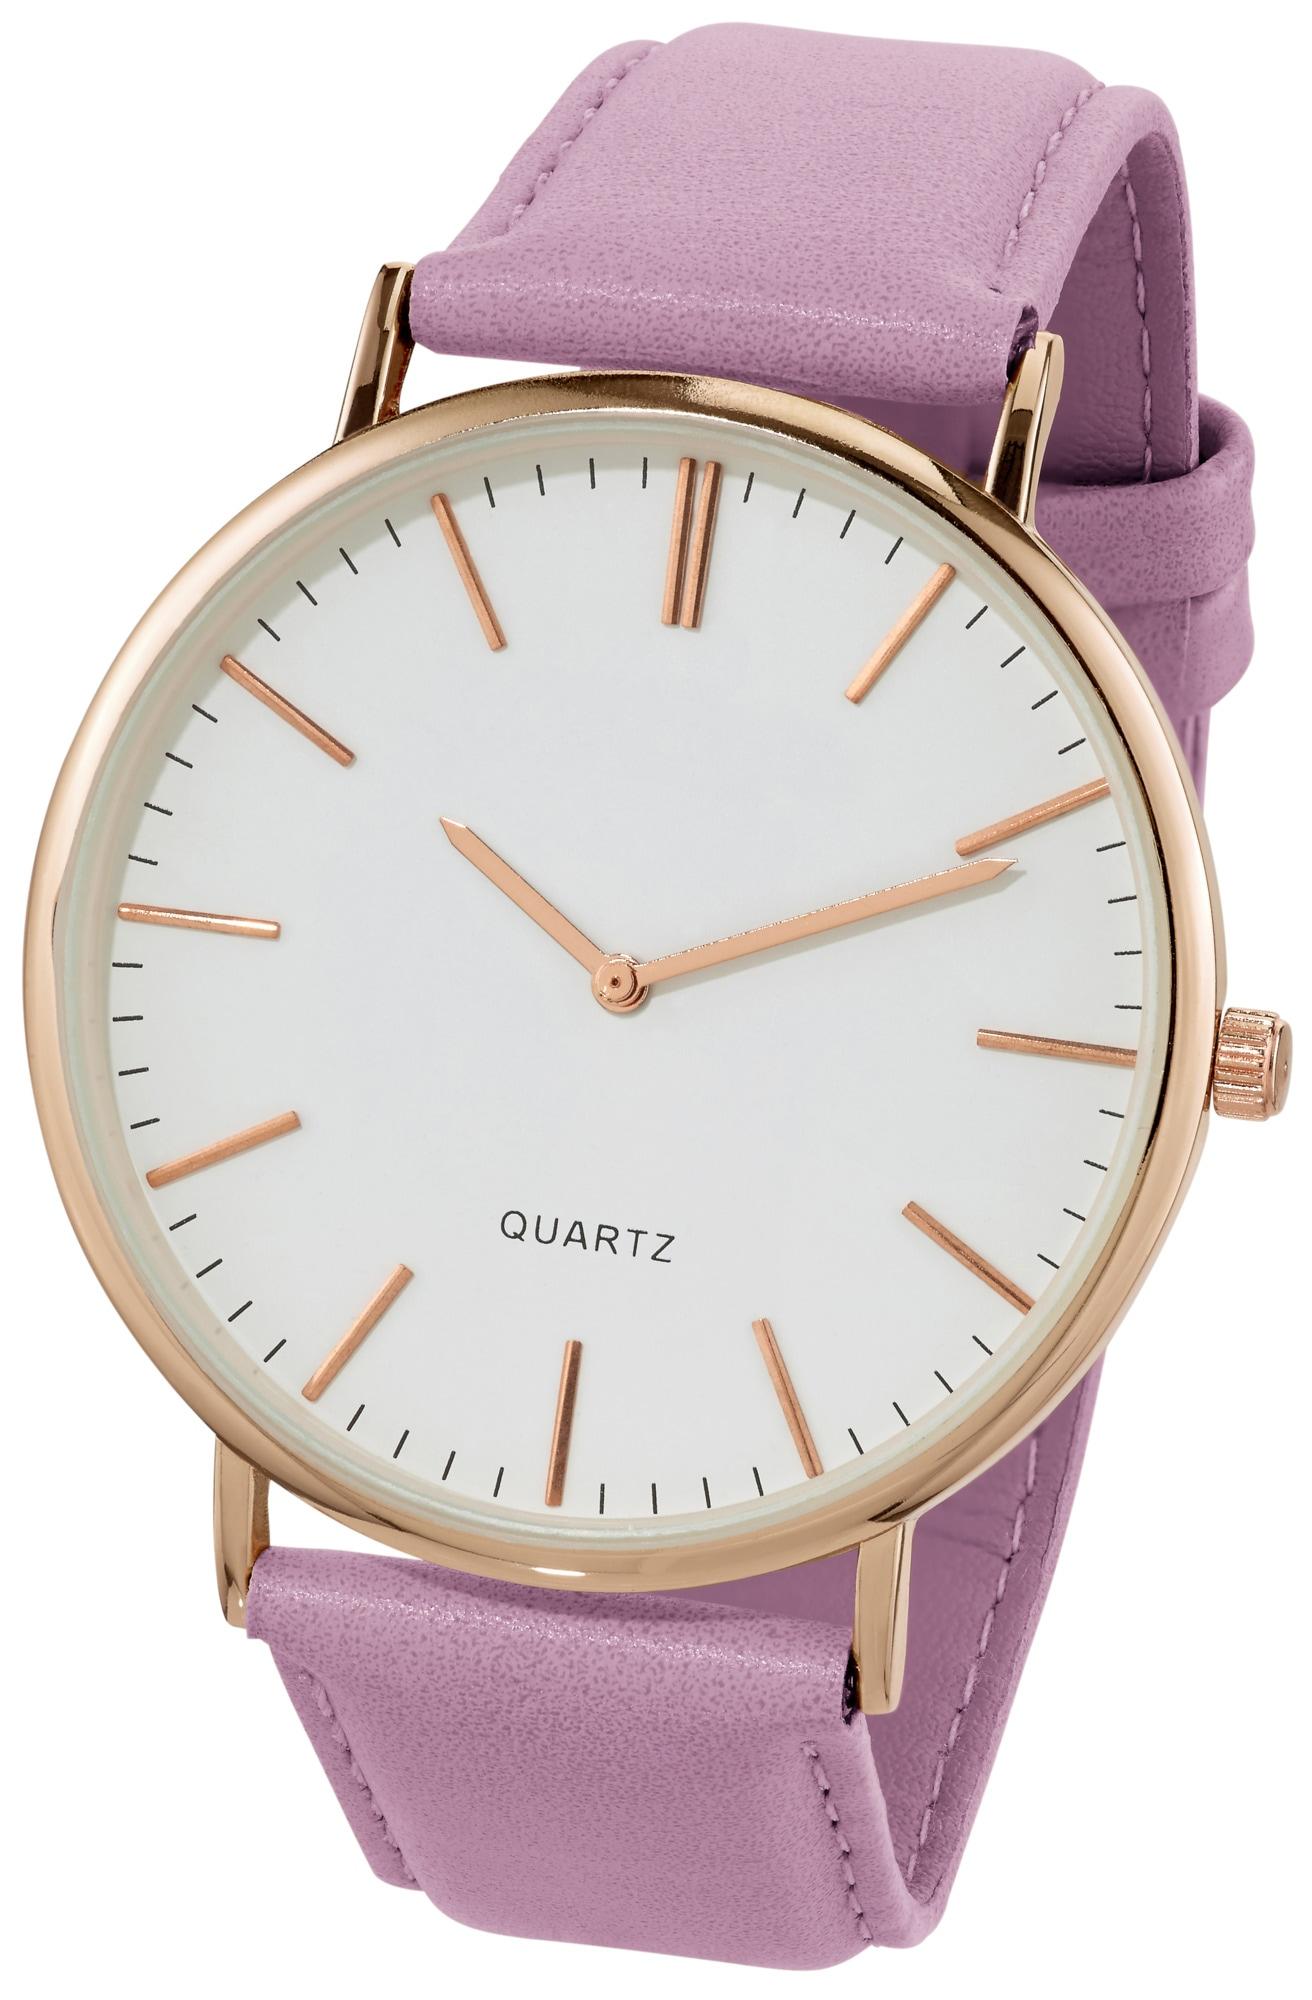 952d801122 Sonstige Armbanduhren für Damen online kaufen | Damenmode ...